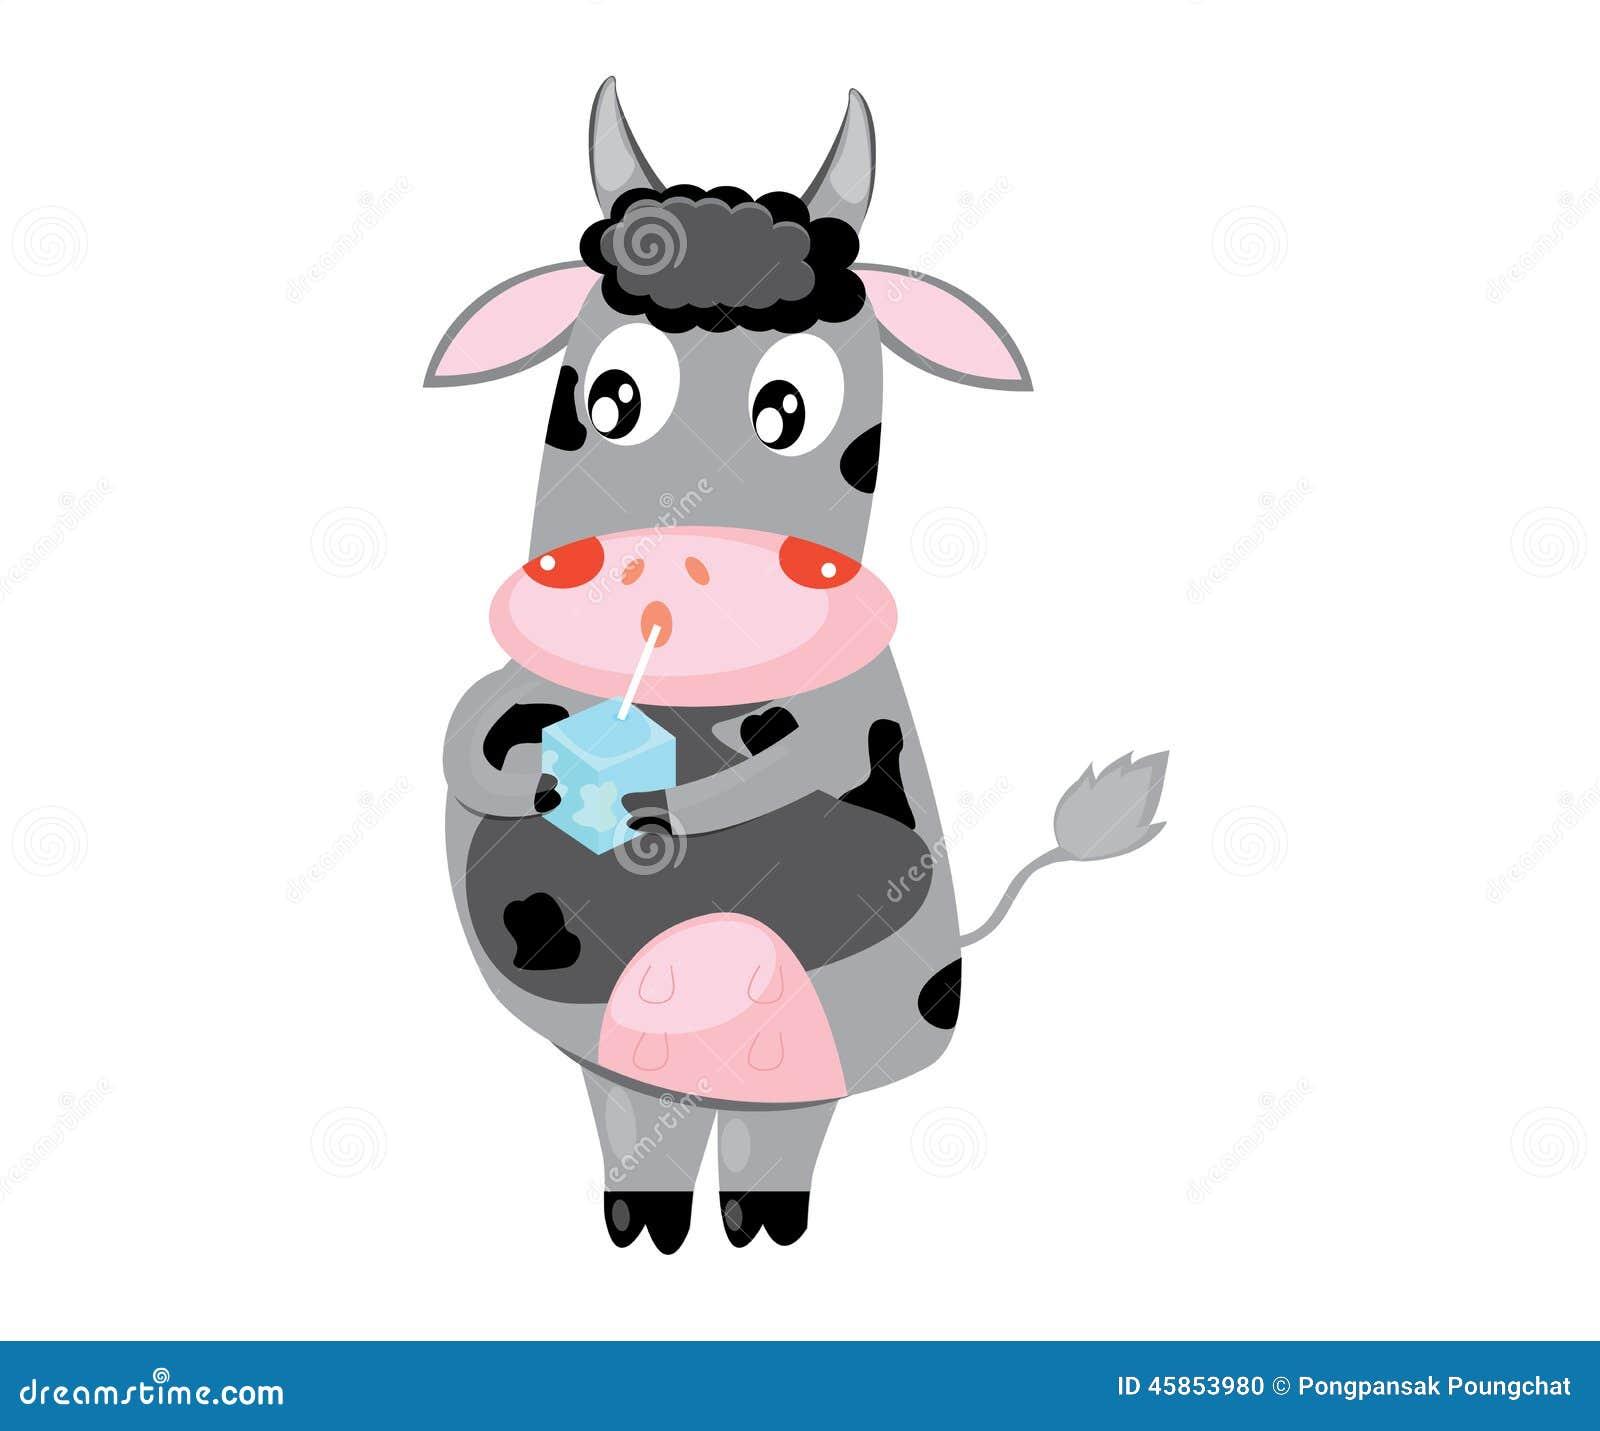 Cow Milk Animation Happy Cow With Milk Bo...